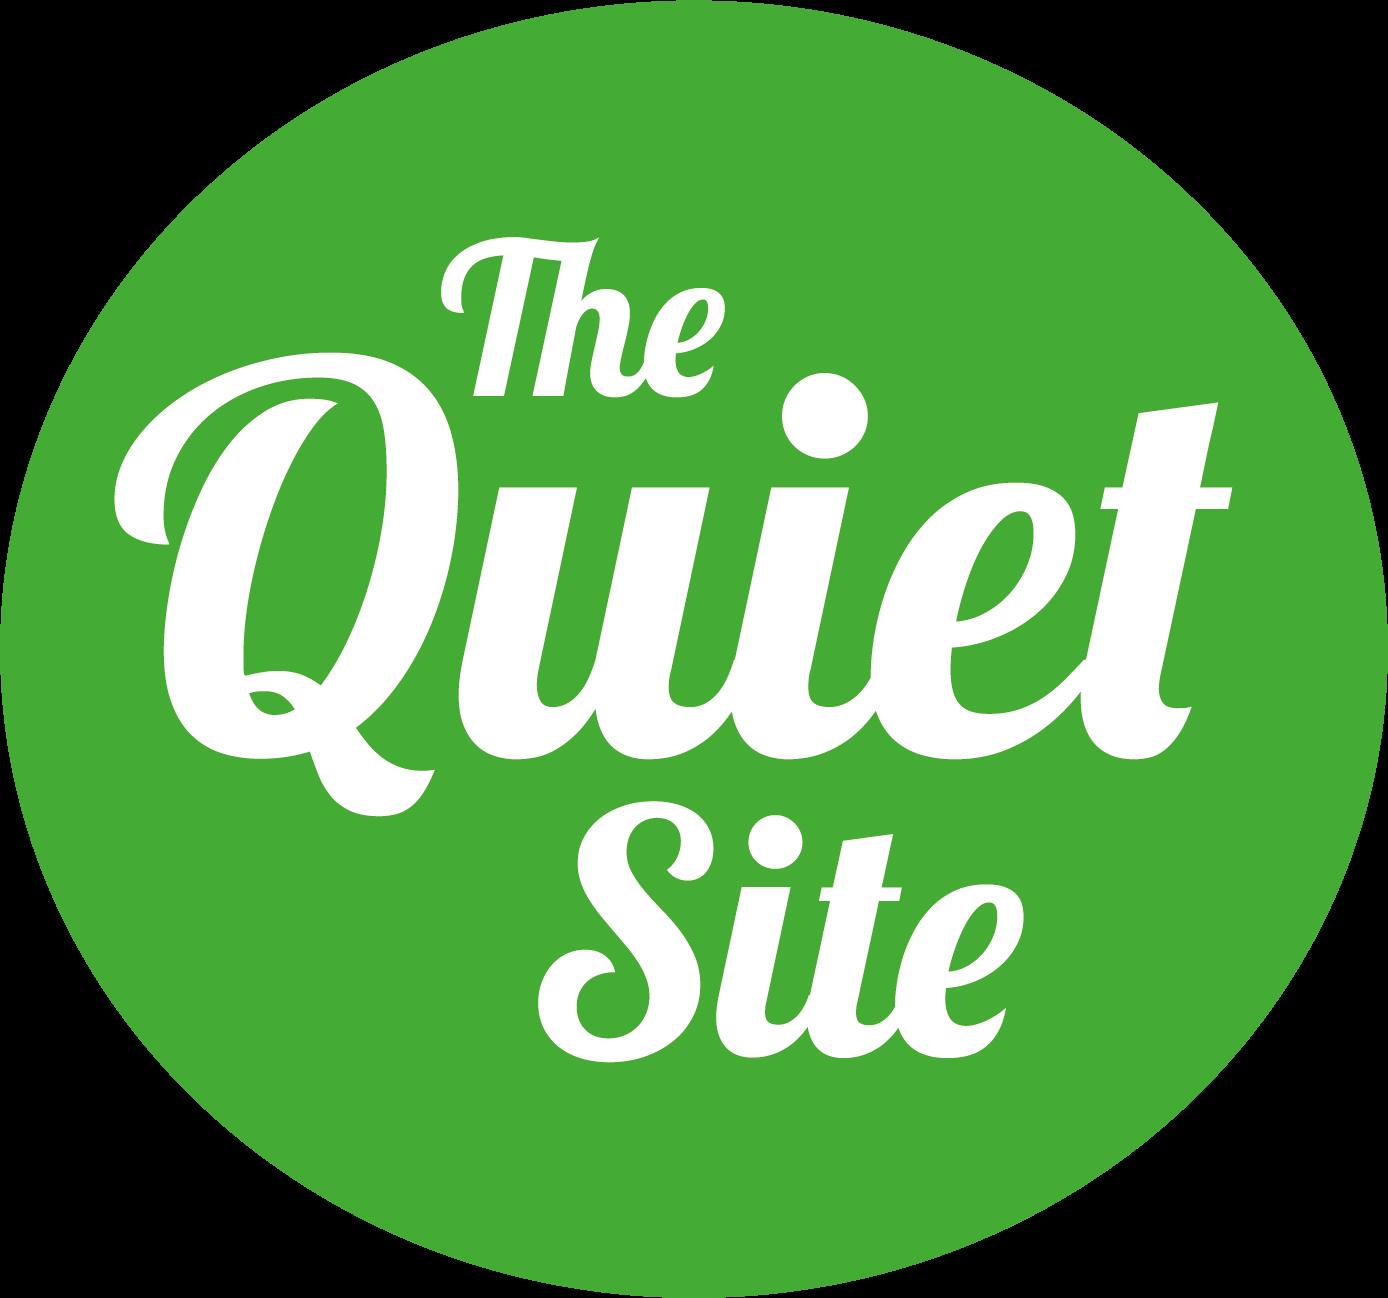 The QuietSite